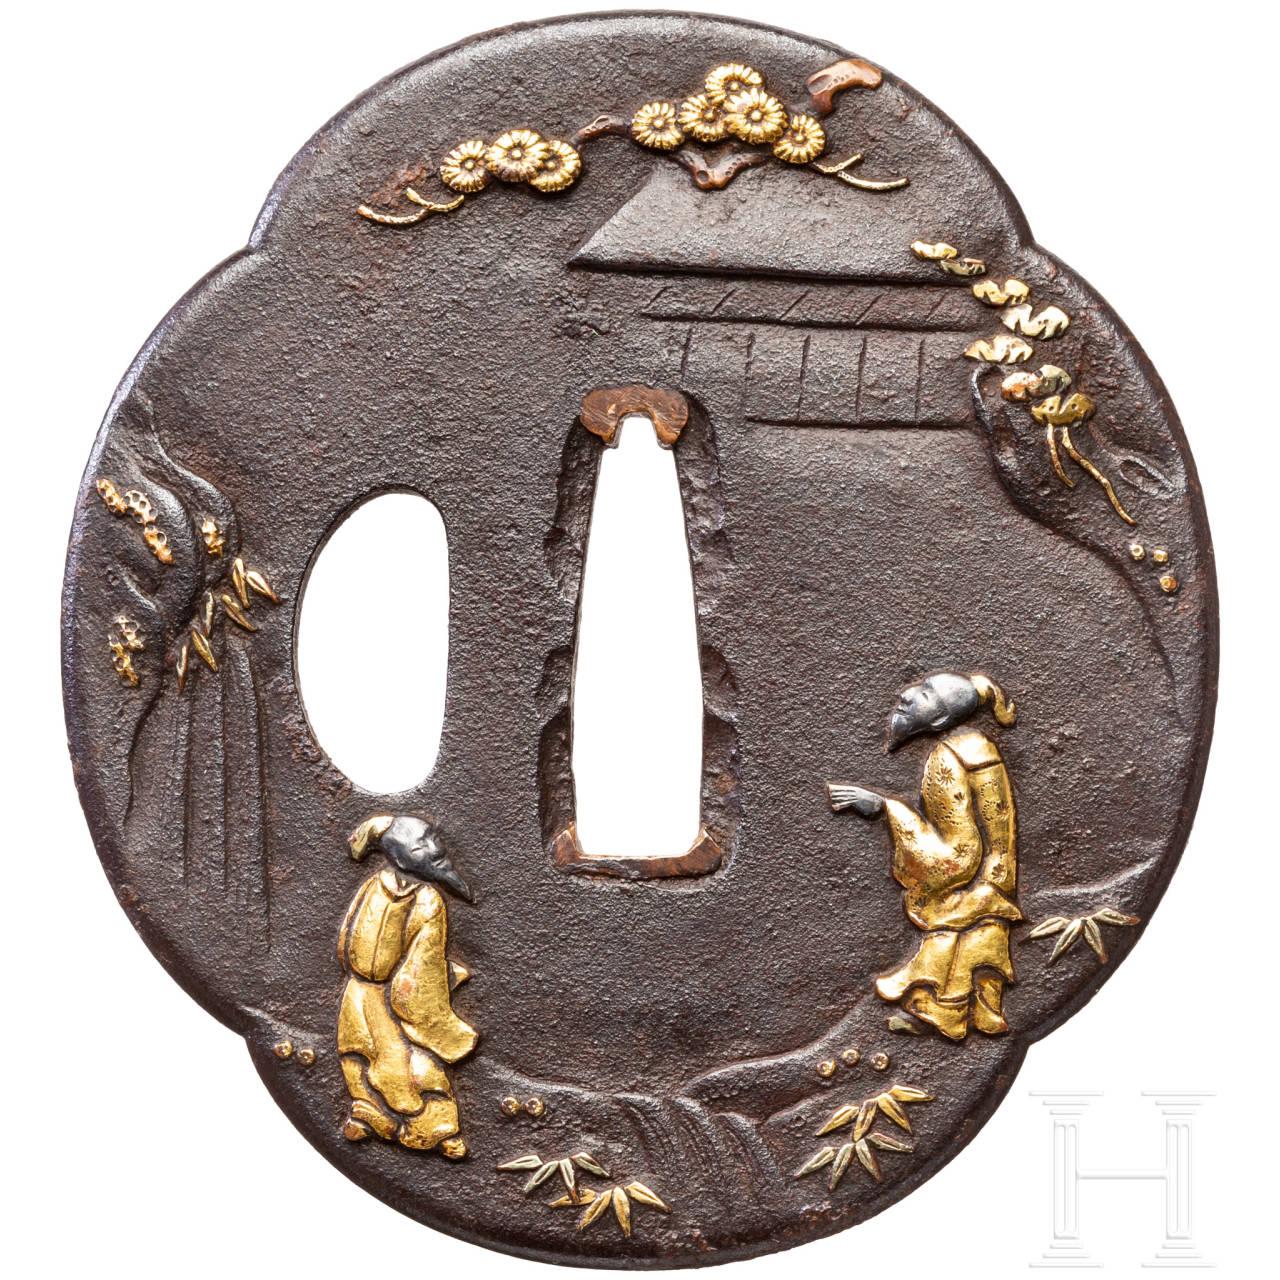 Mokkogata Tsuba, Japan, um 1760